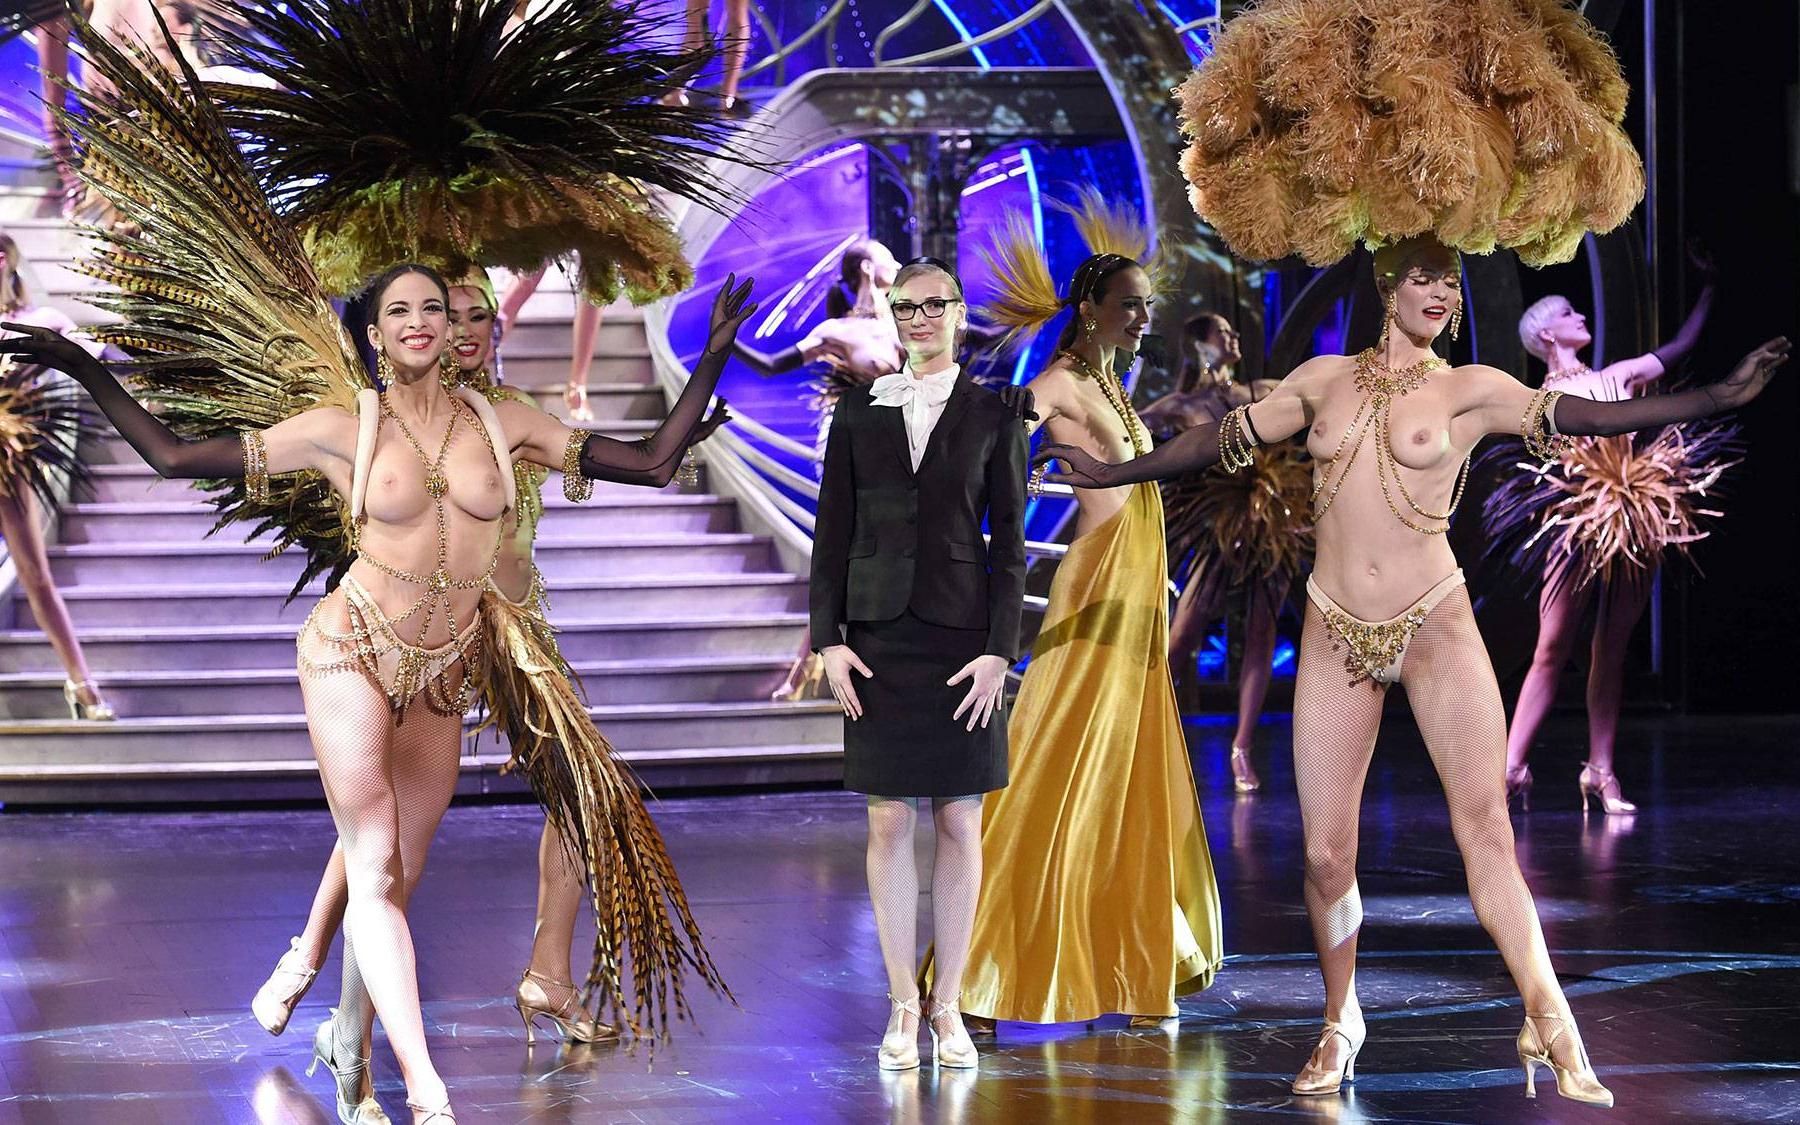 Секс шоу с голыми ведущими, Голое ТВ Каталог эротического видео 14 фотография